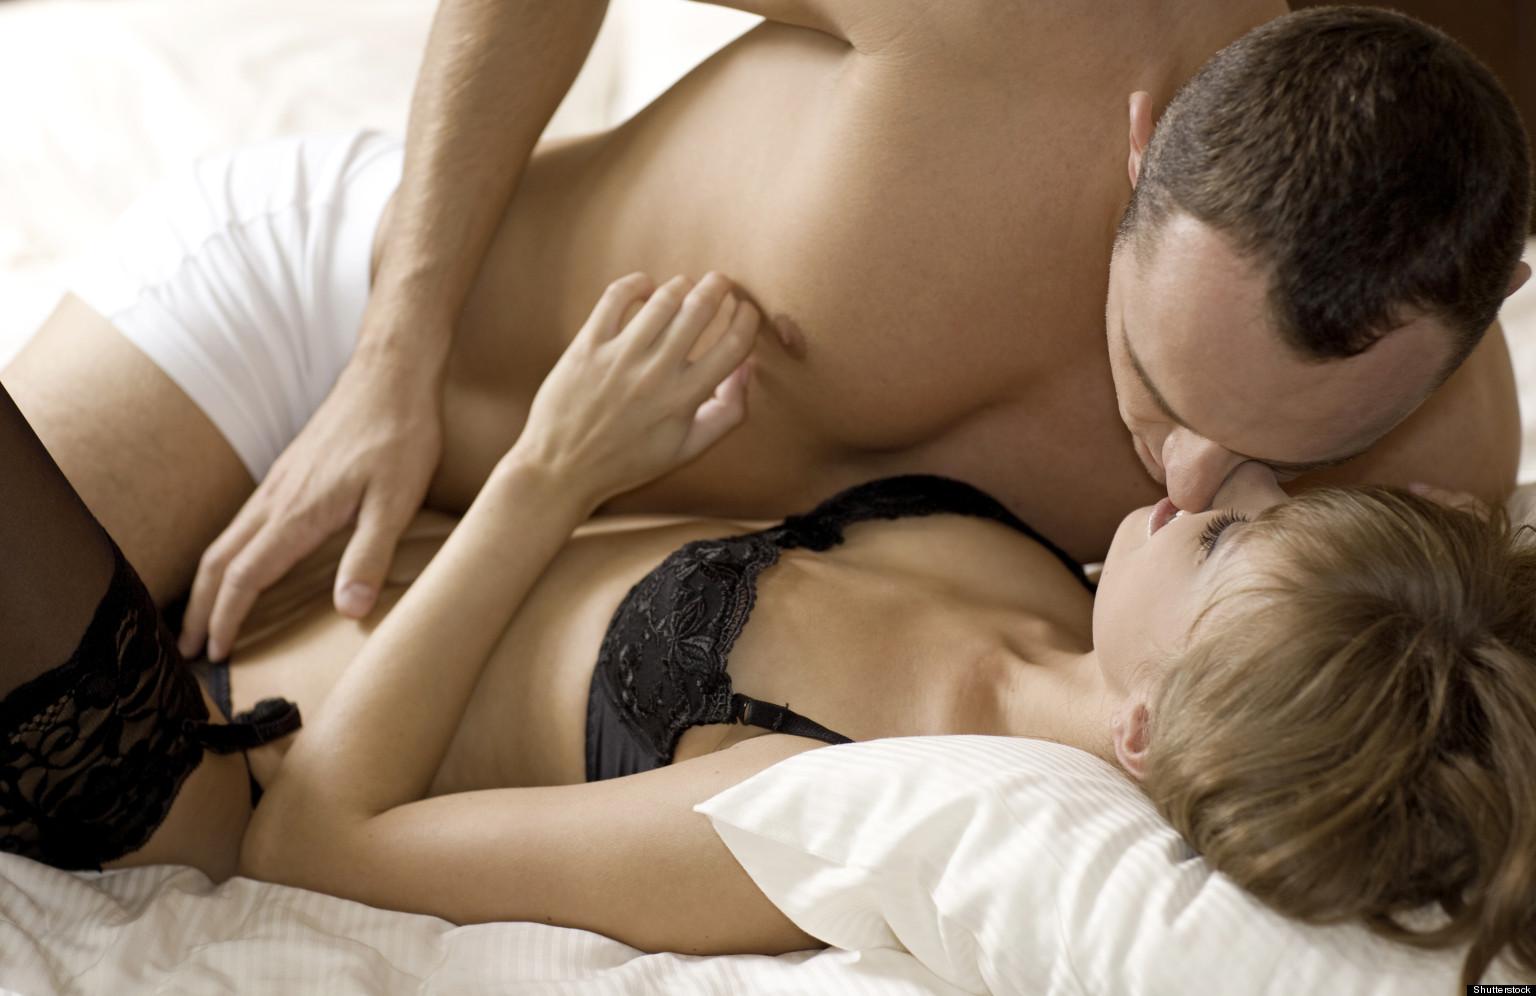 Страстный интимный массаж 25 фотография